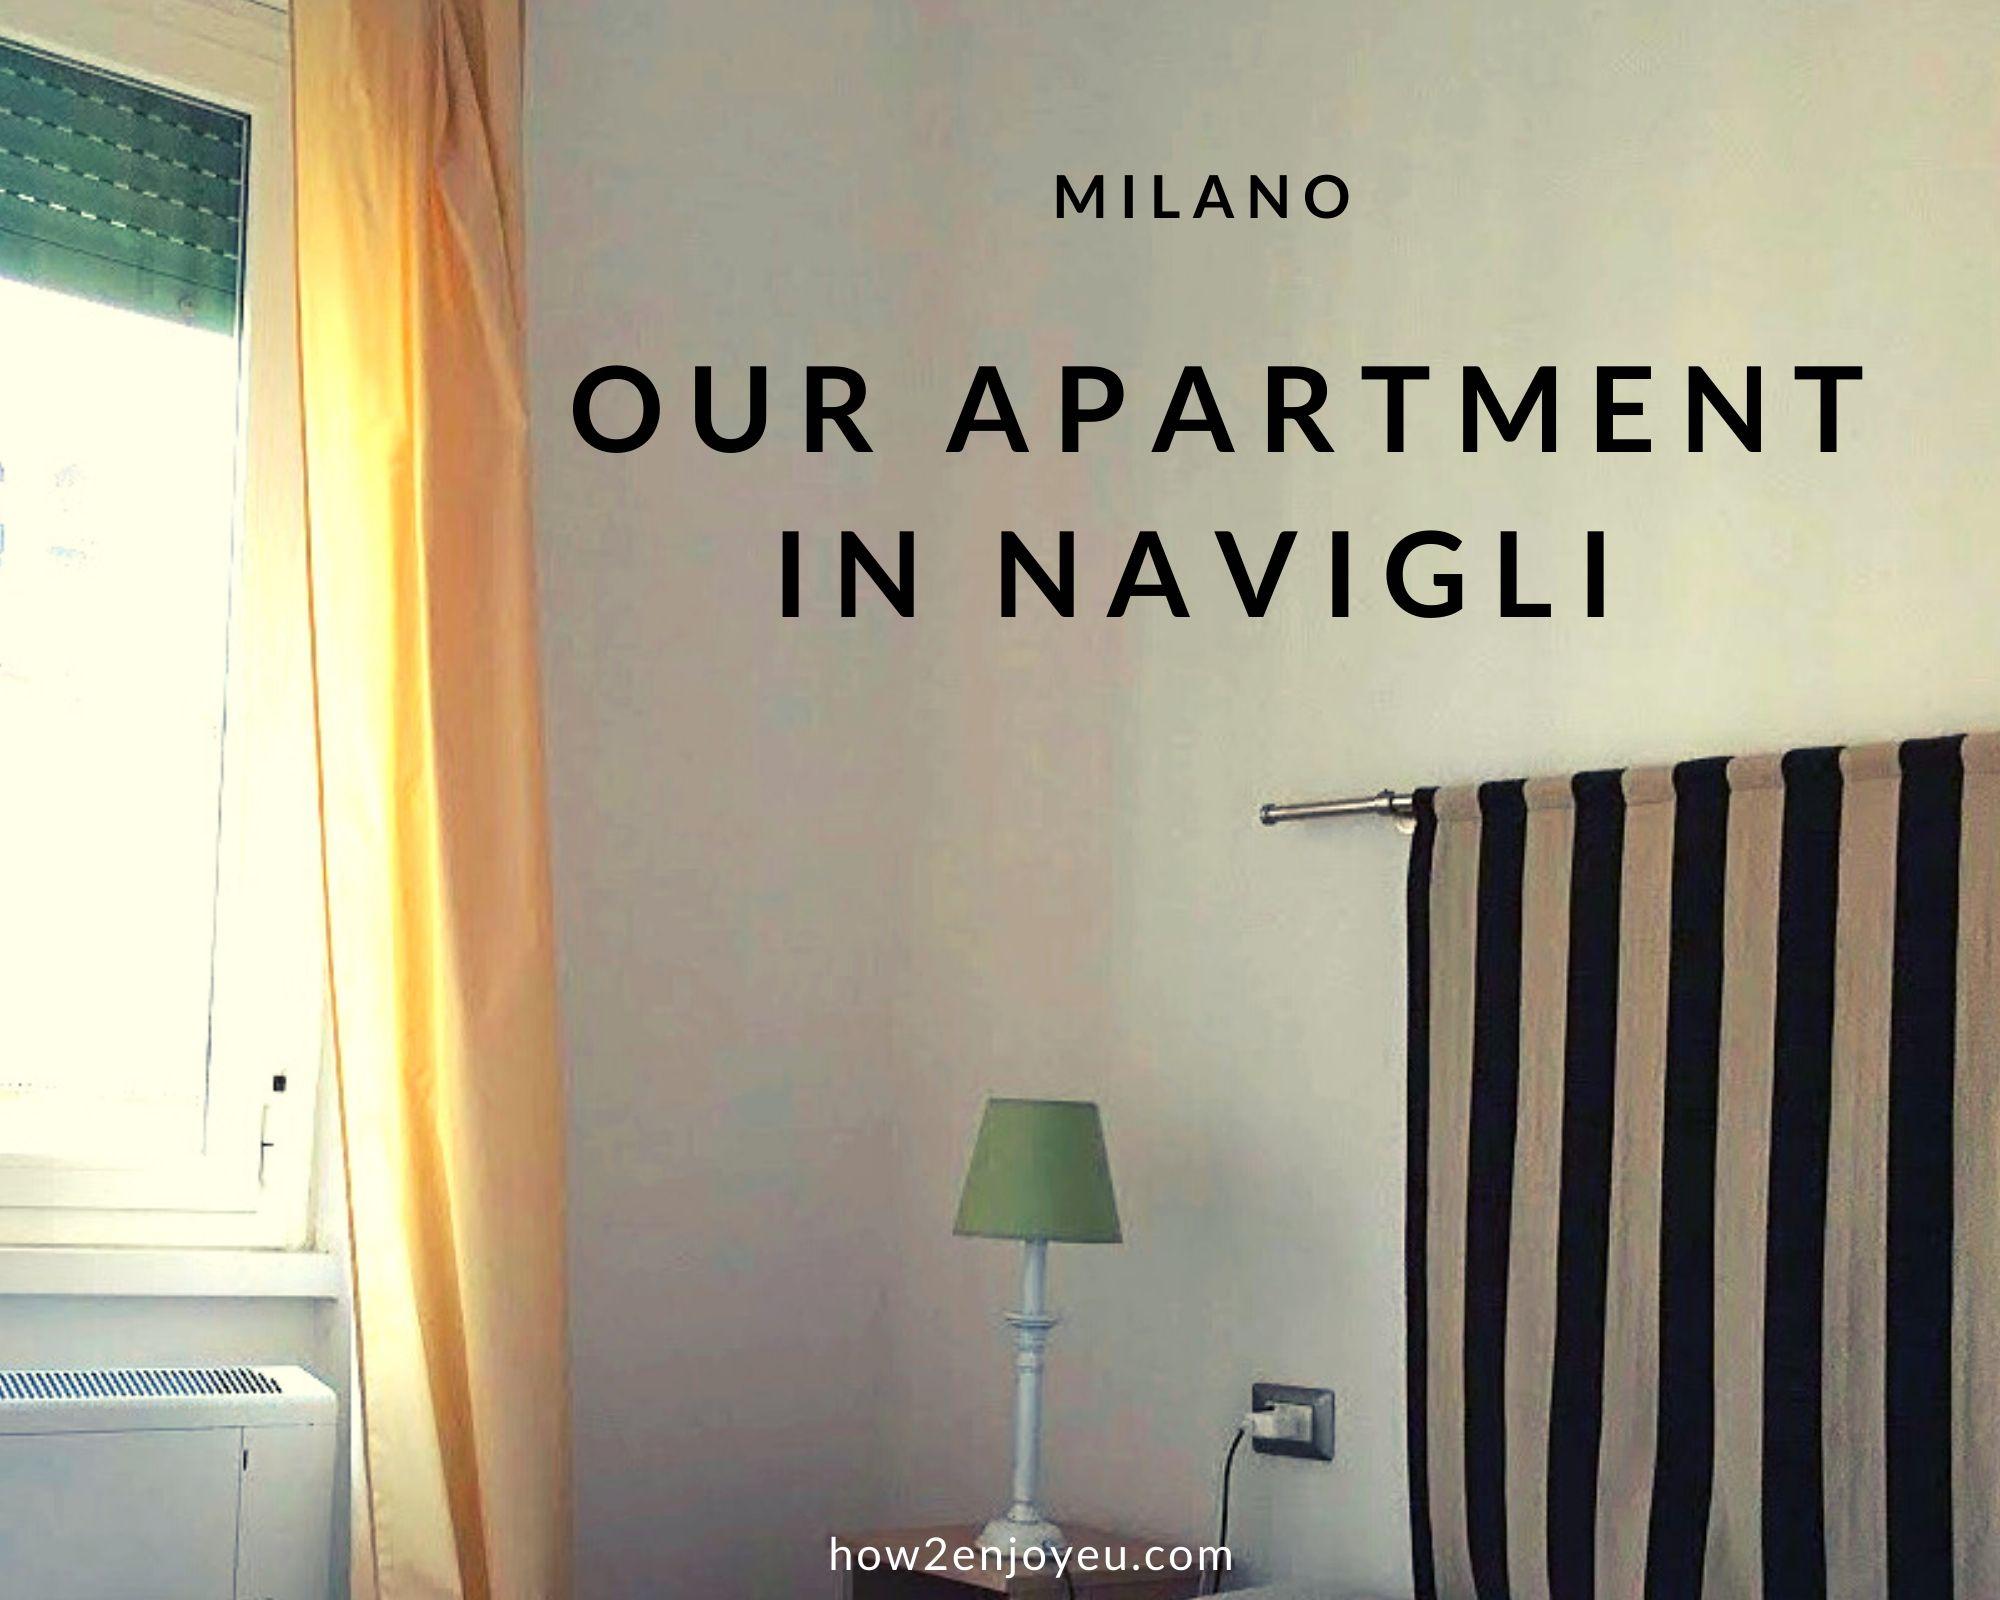 ミラノの民泊アパートメント、ナヴィリオ地区の使い勝手のいい可愛いお部屋